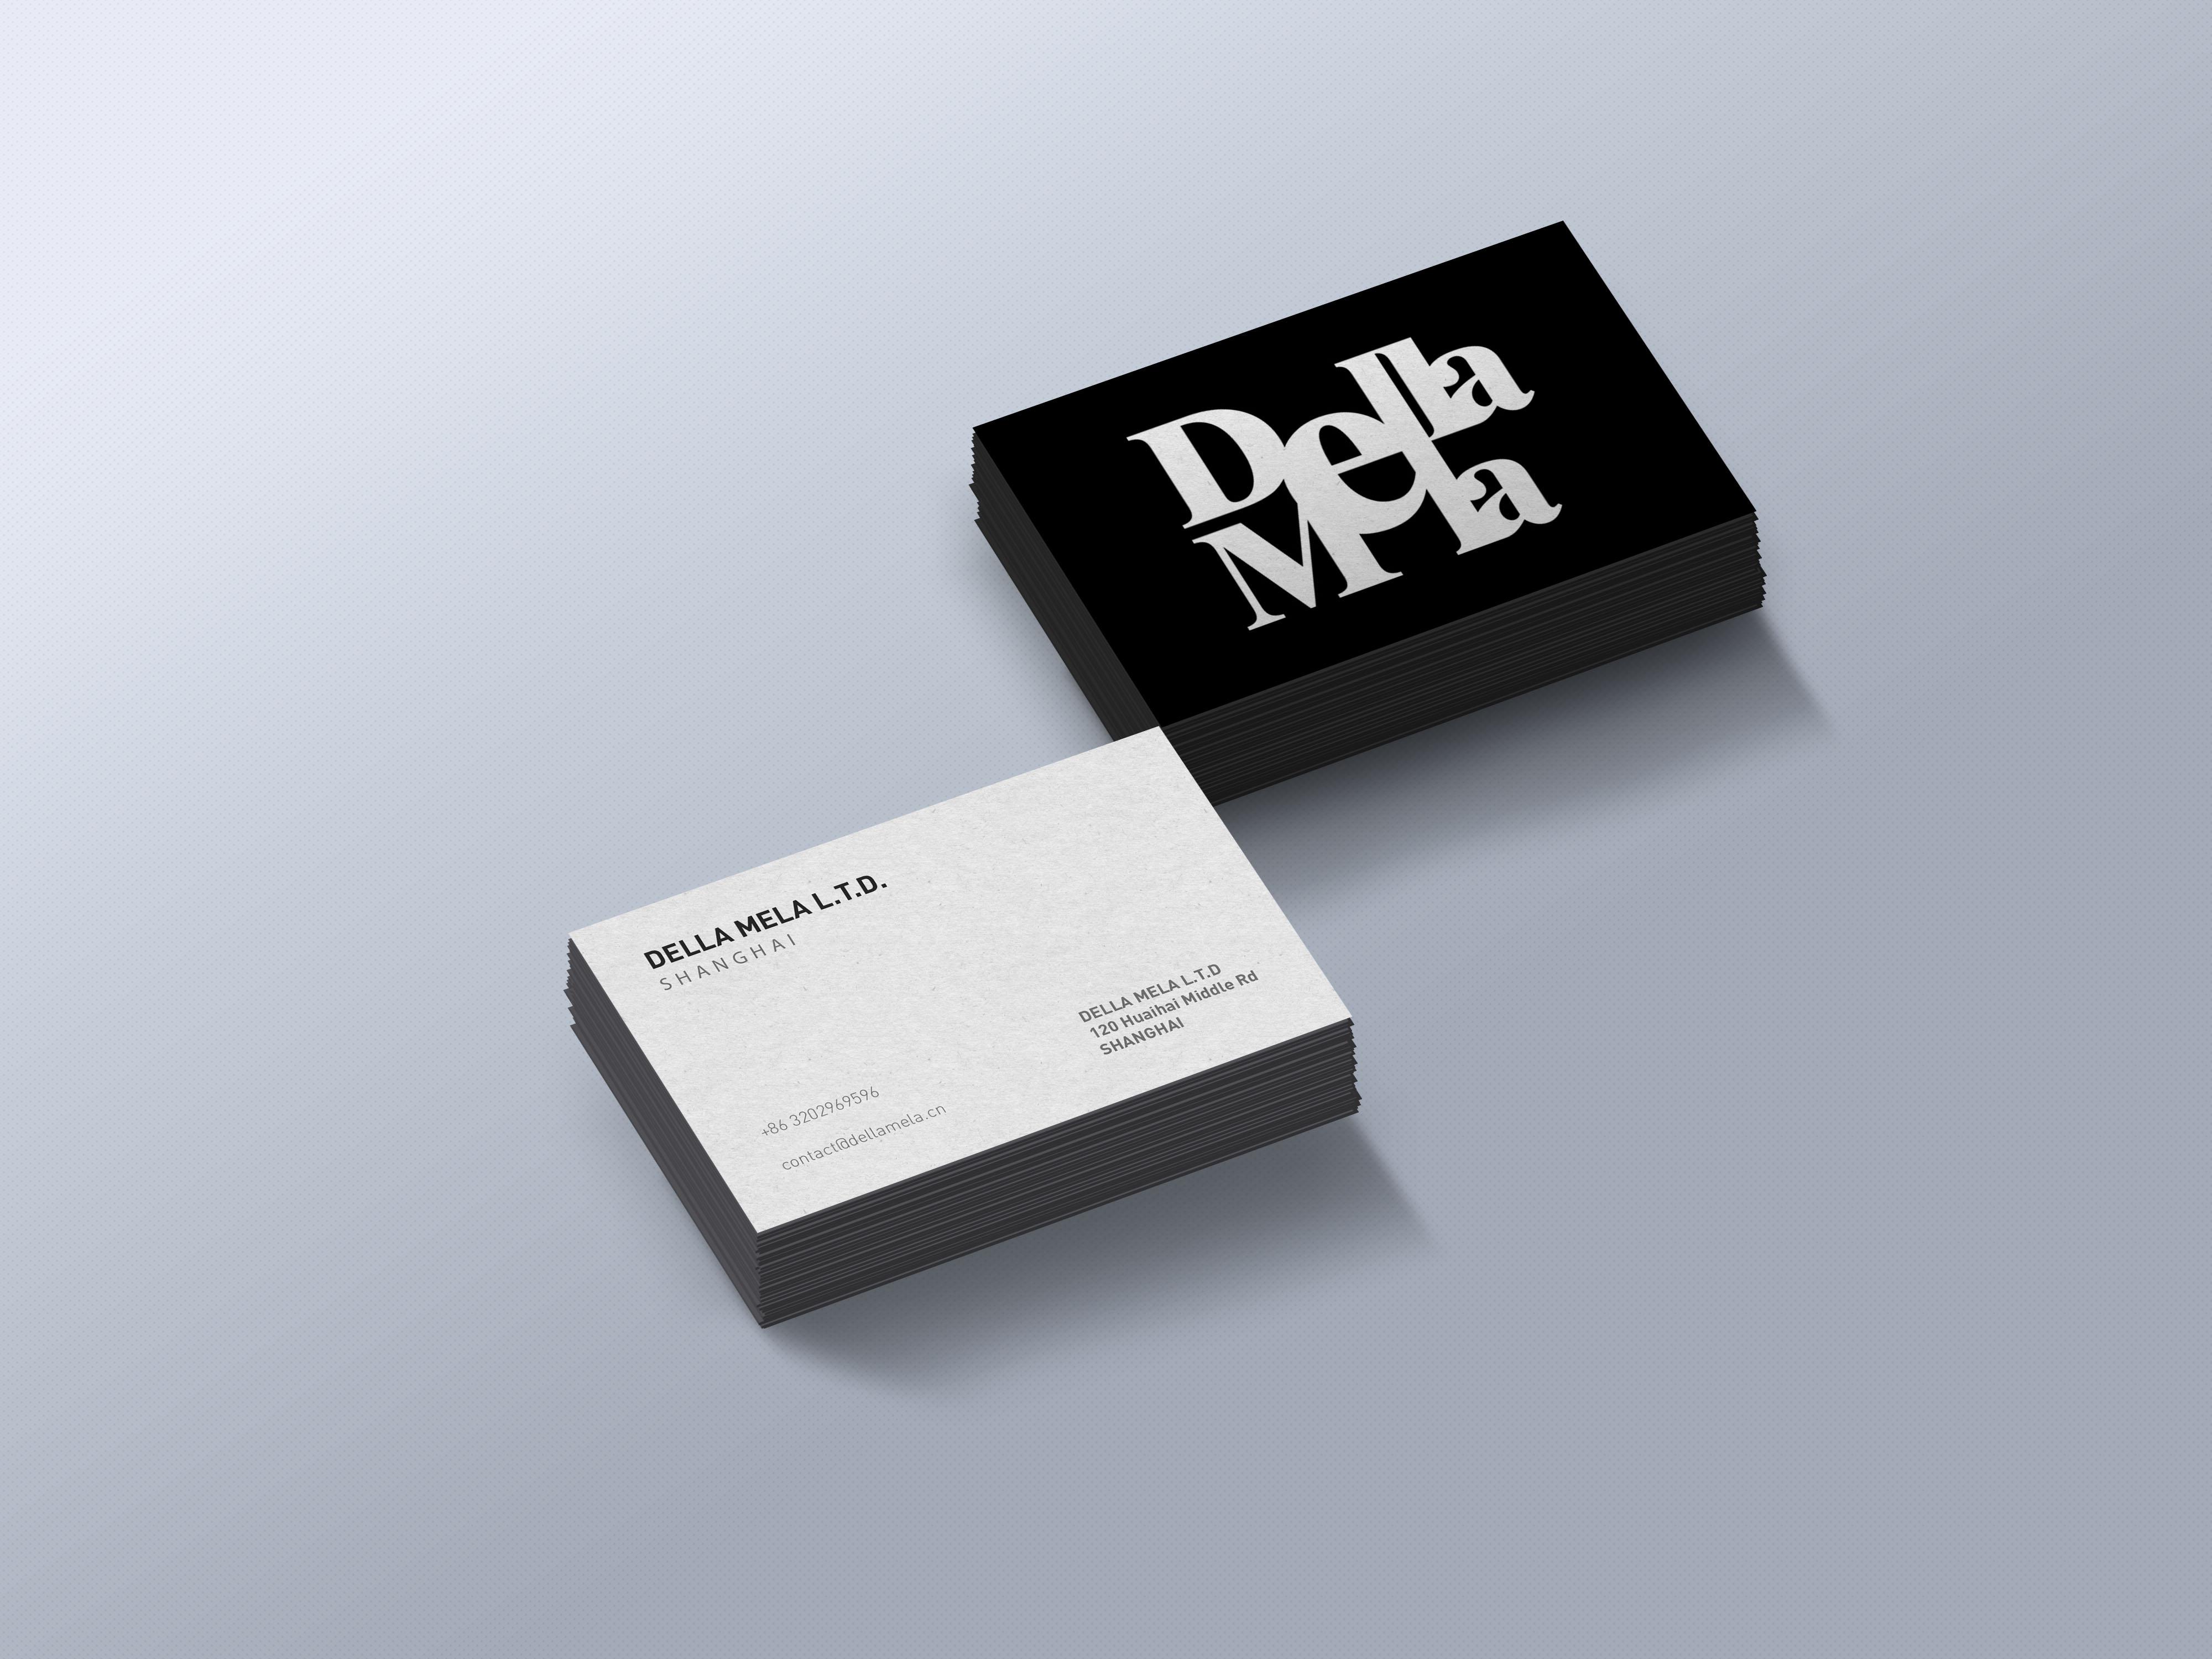 Della Mela